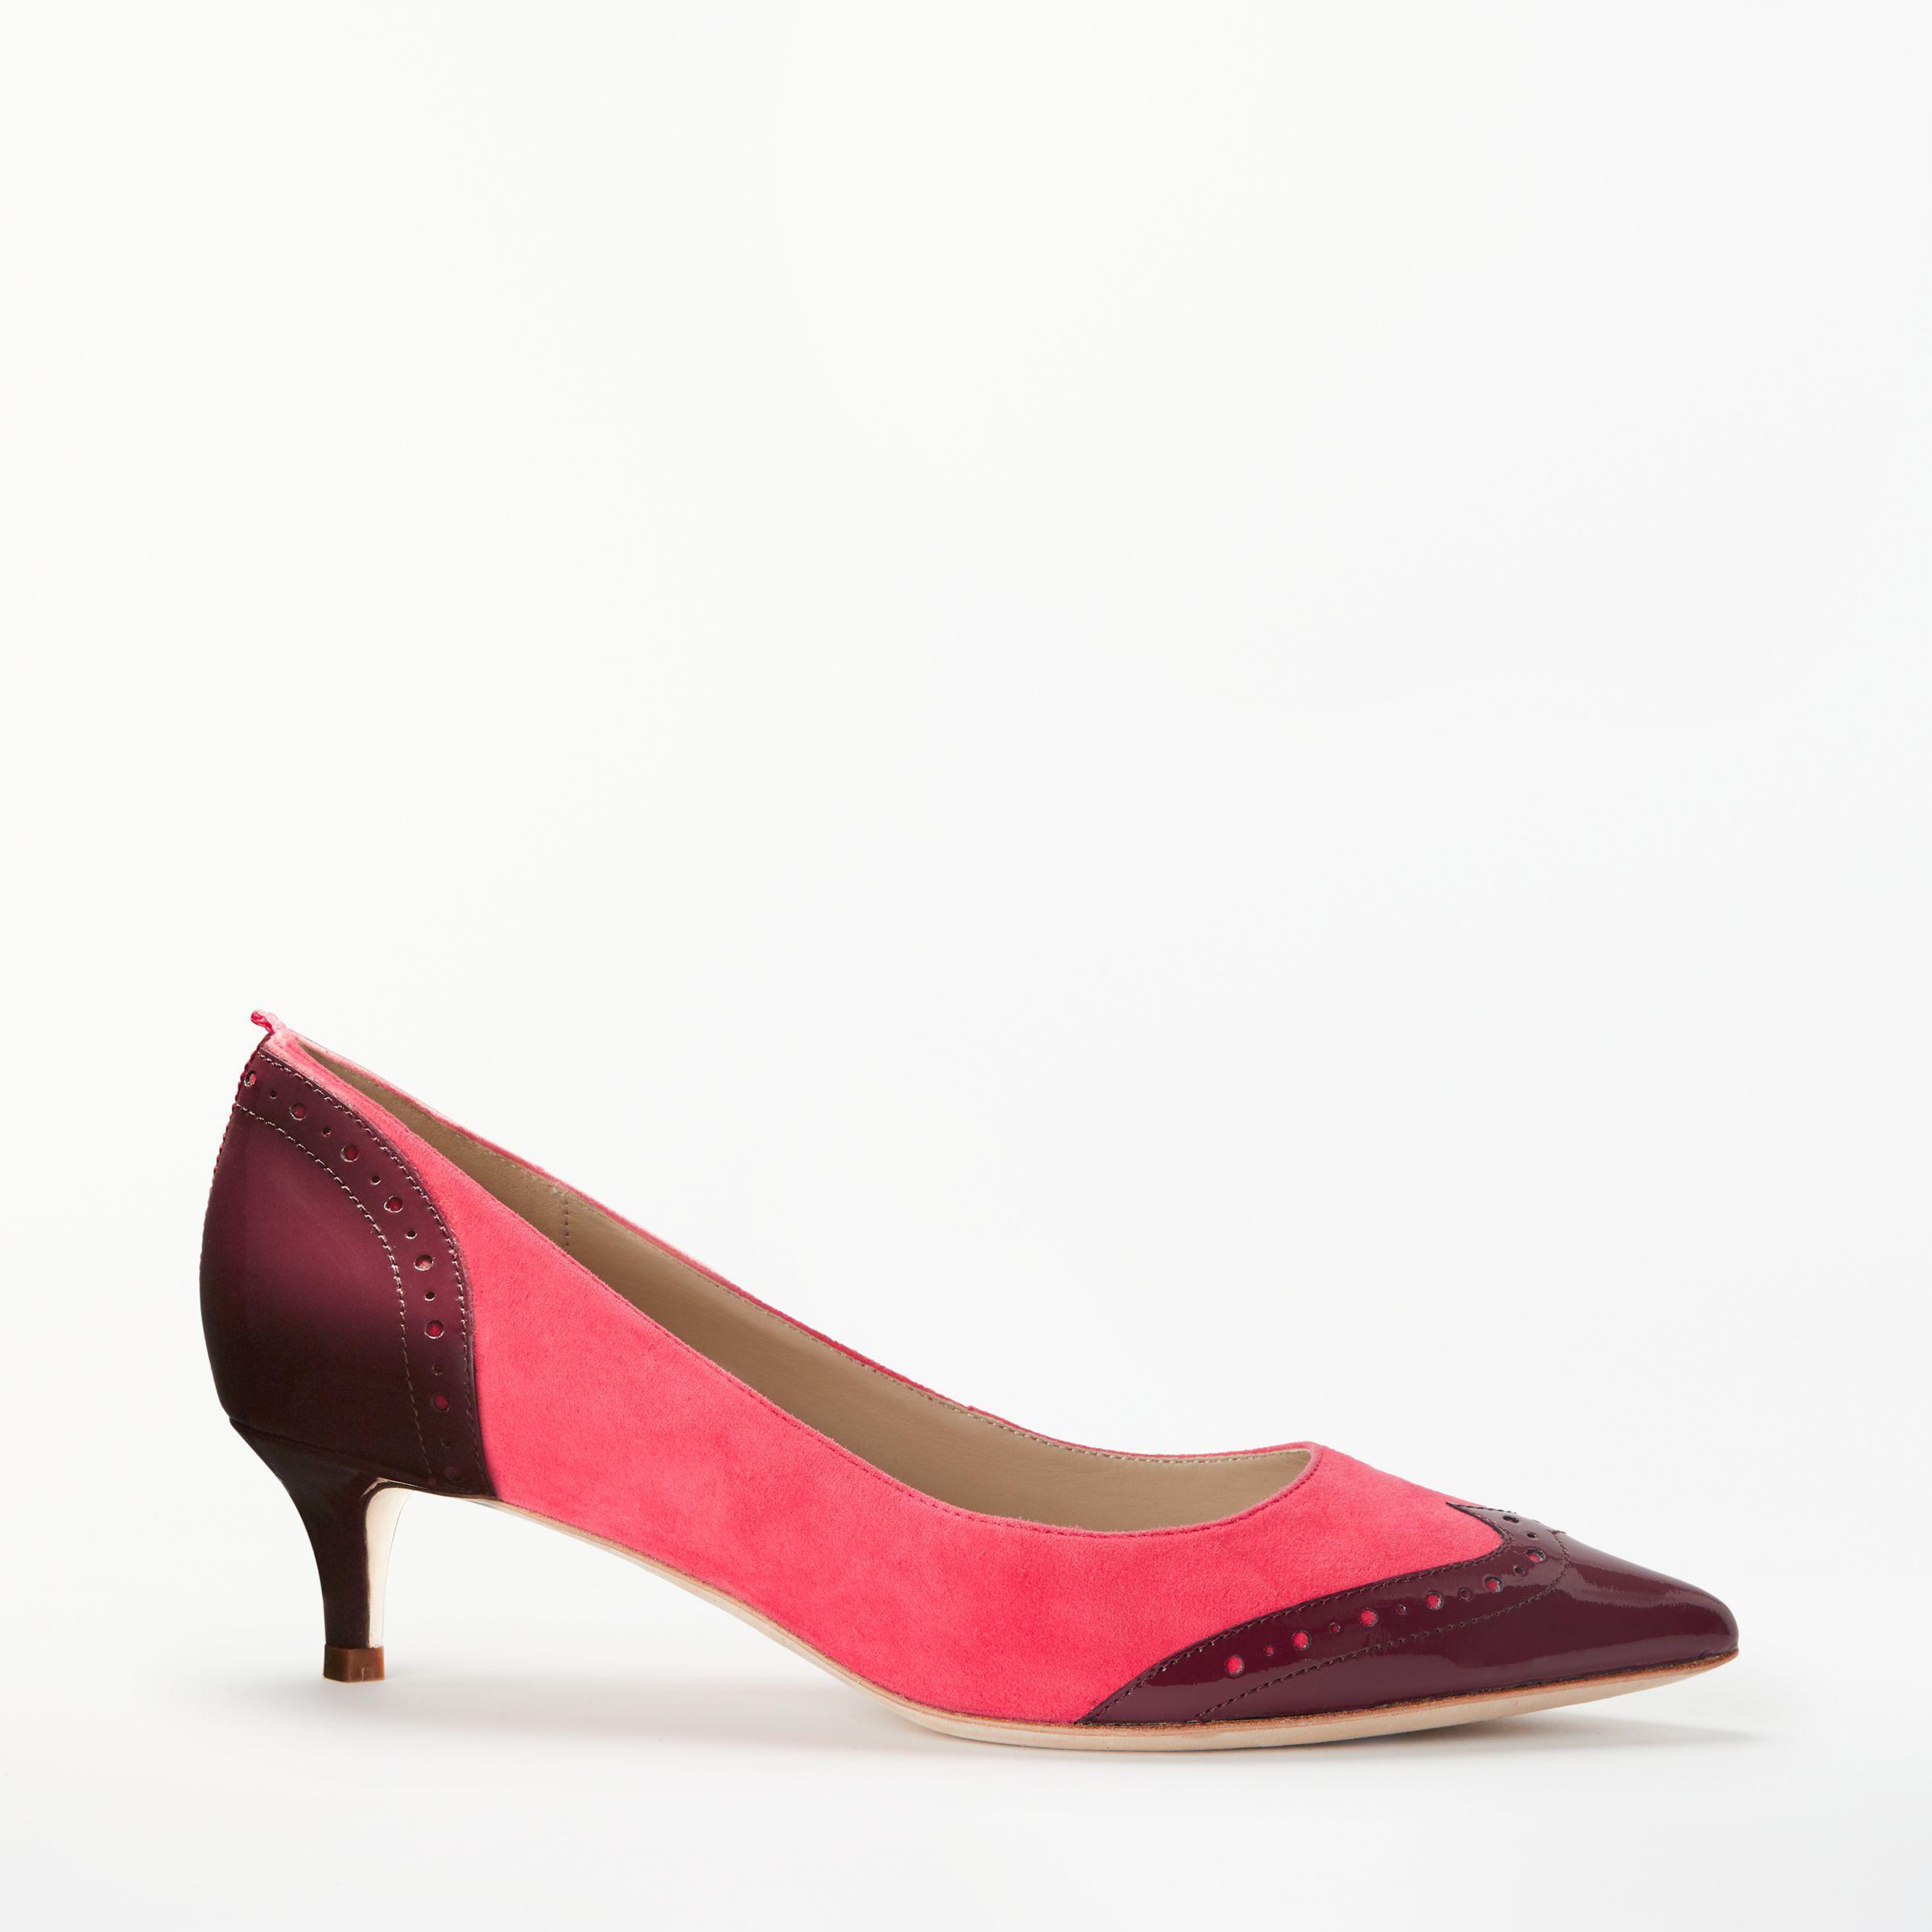 8d3629ef507c Boden Rosamund Stiletto Kitten Court Shoes - Lyst